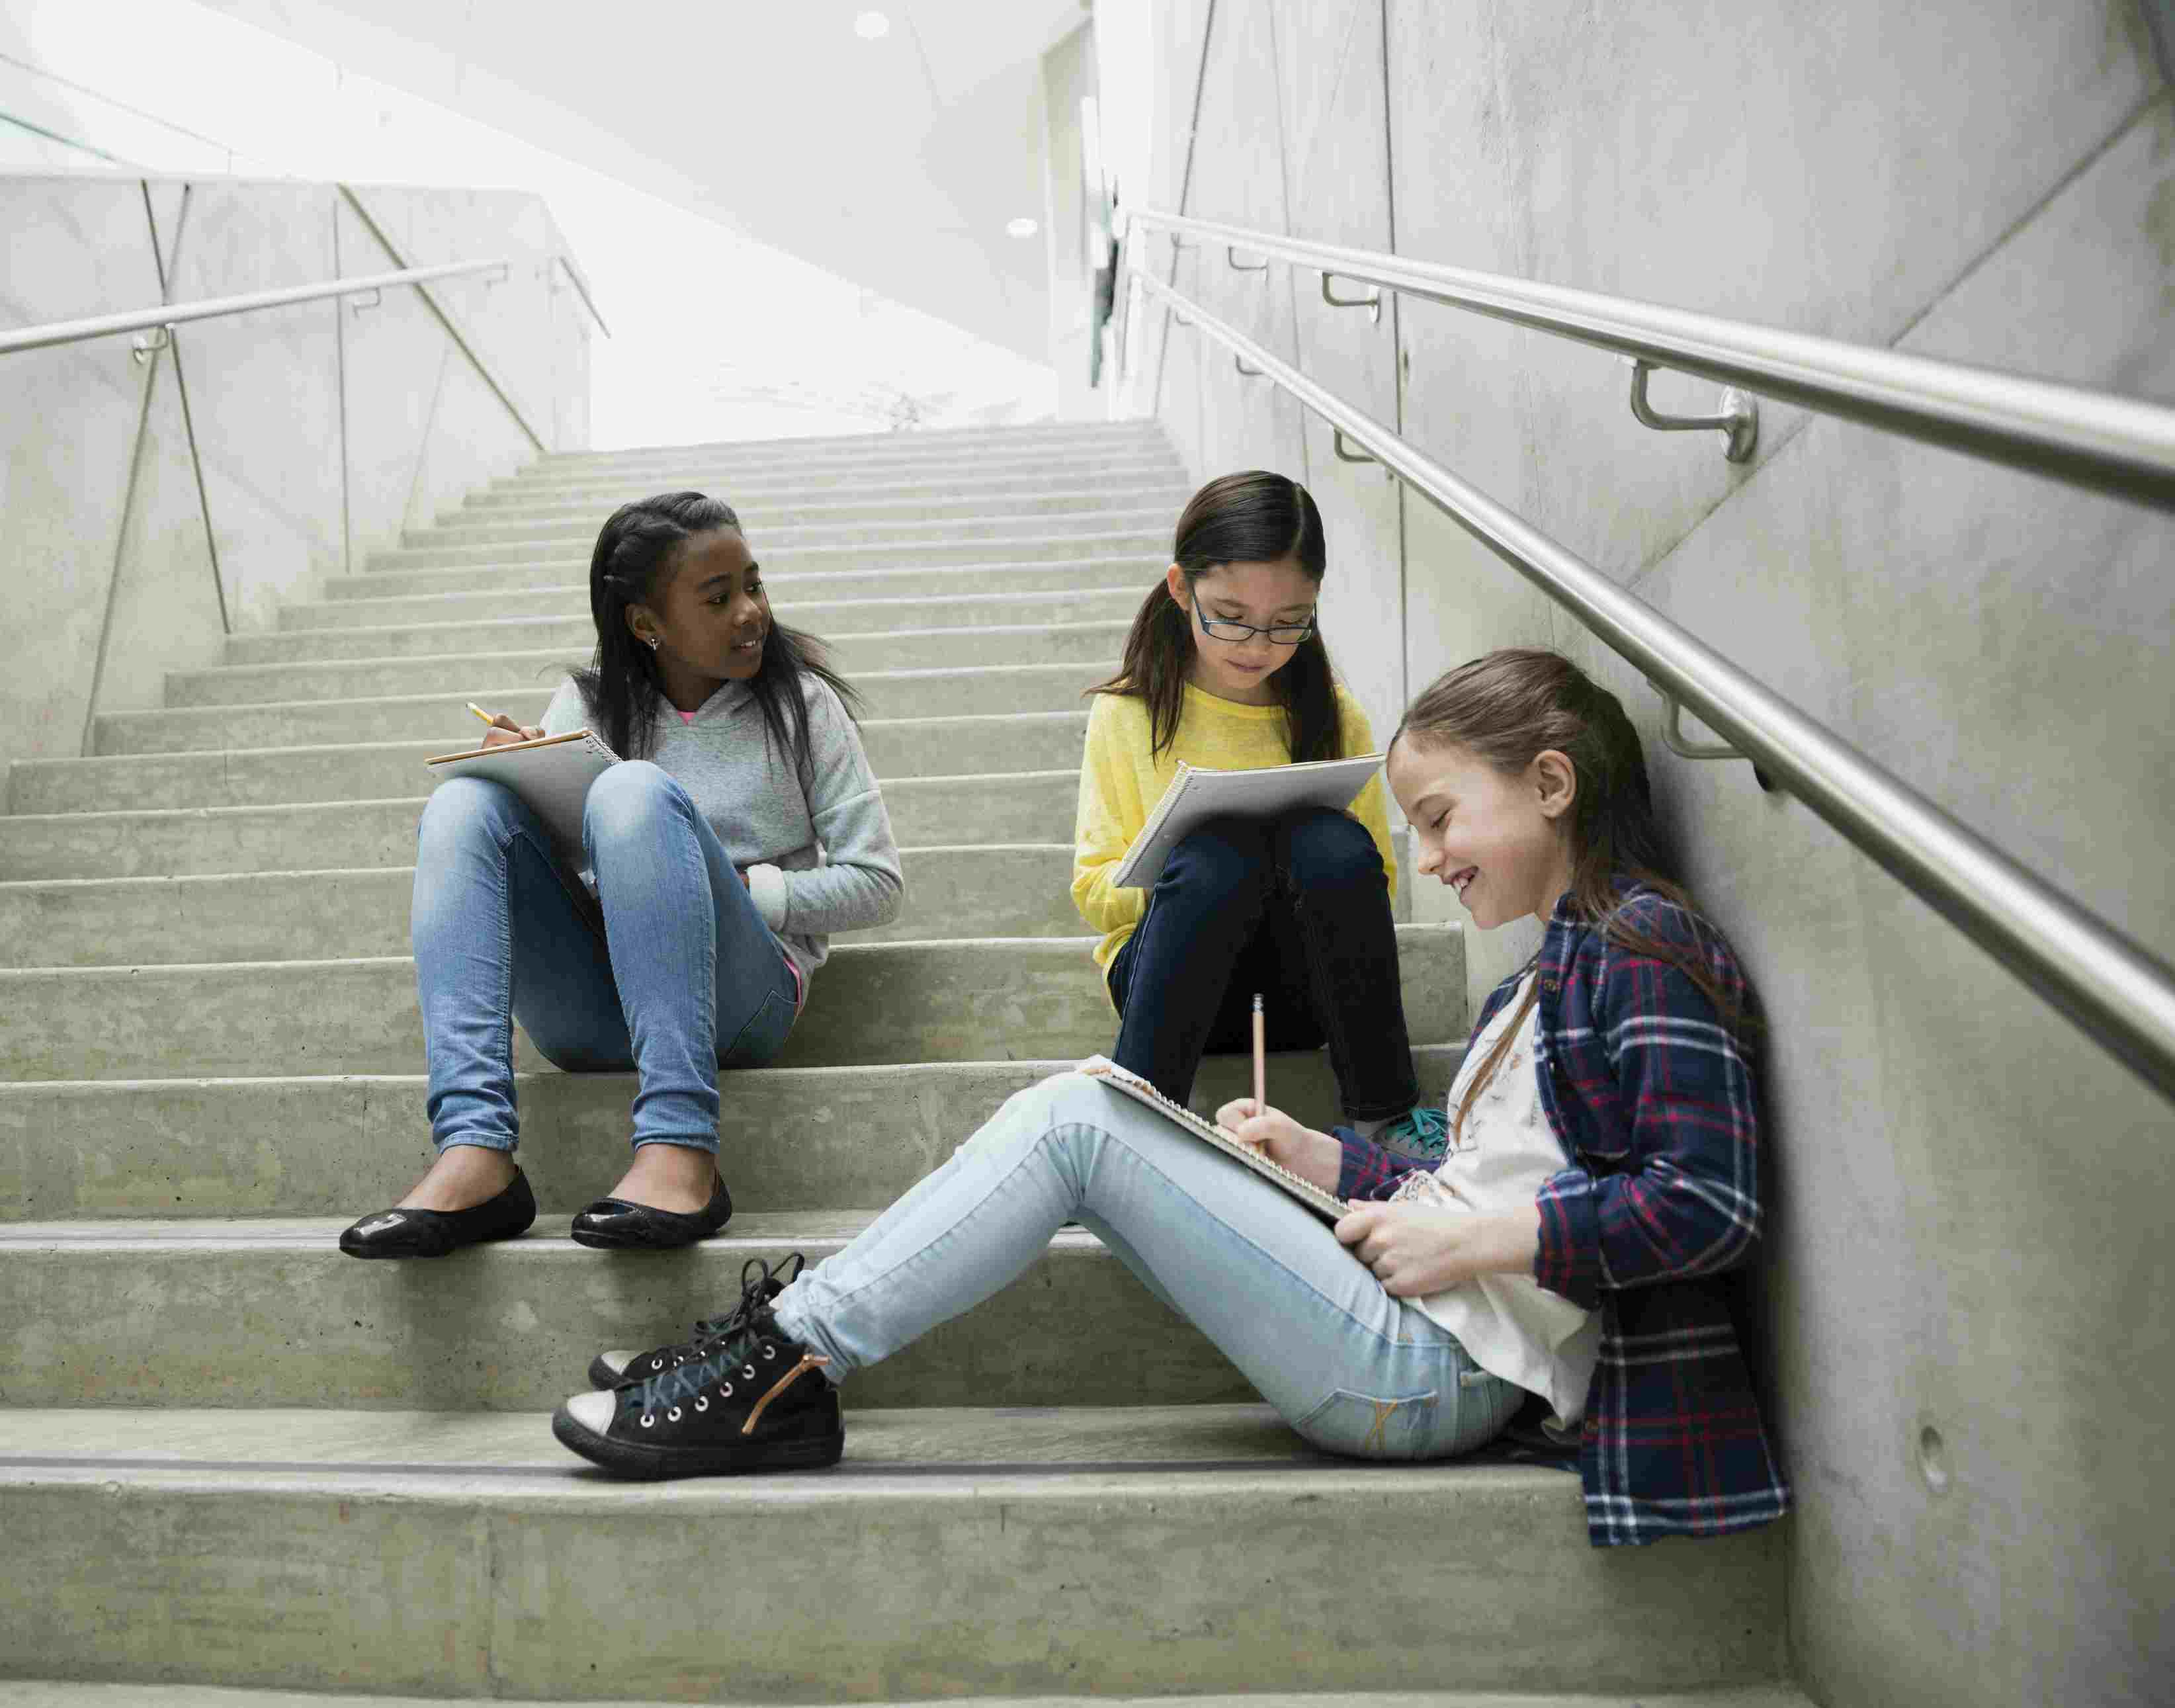 Schoolgirls doing homework on stairs outside